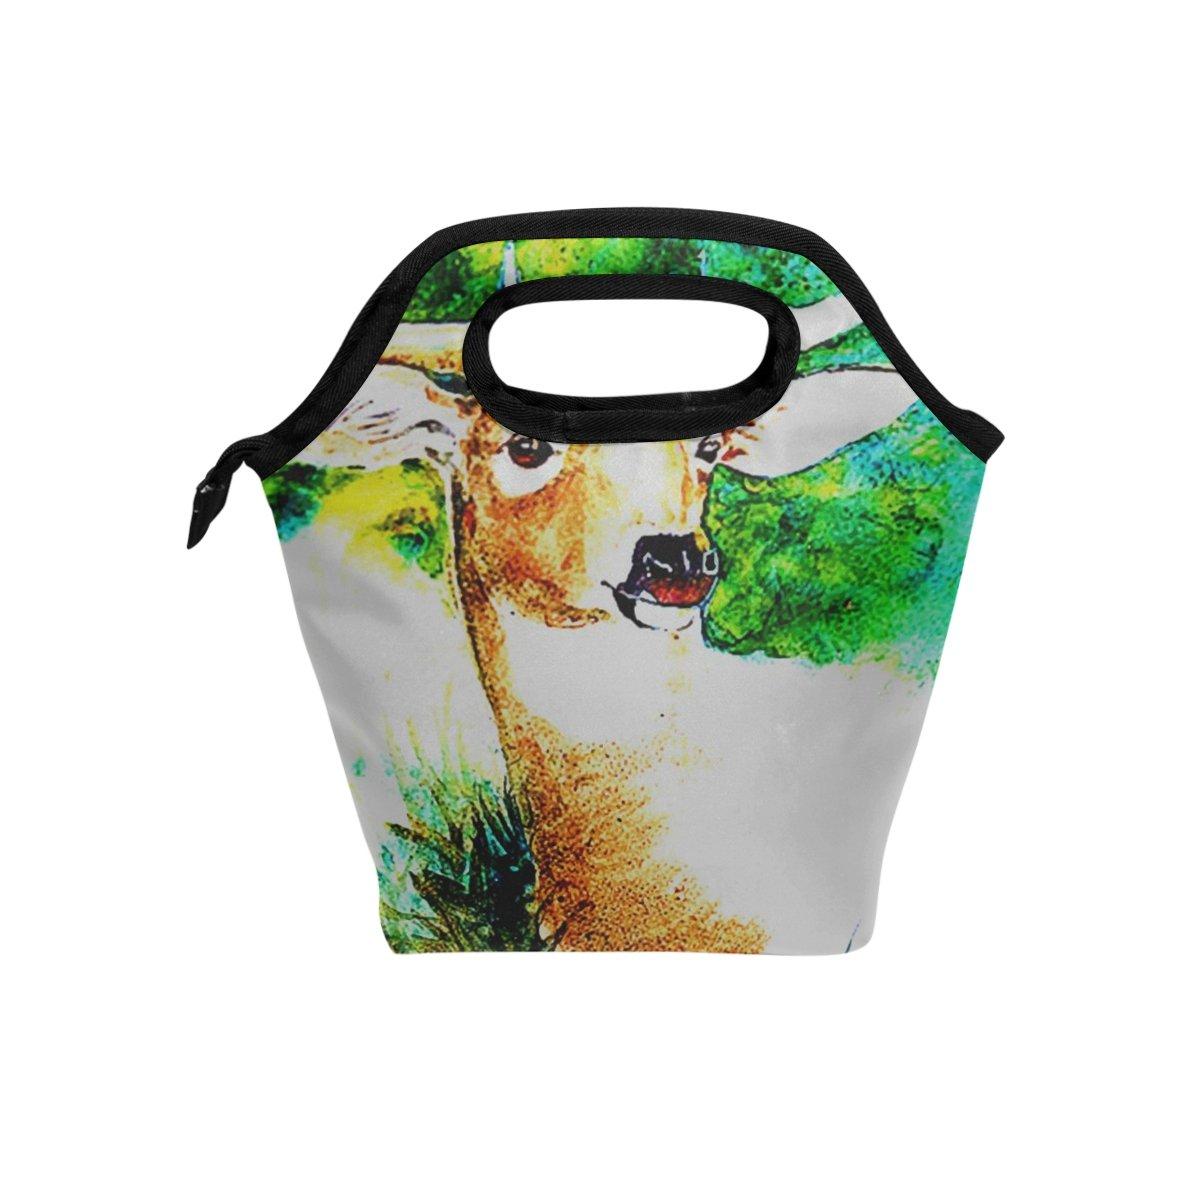 JSTEL - Bolsa de almuerzo con diseño de poros poros poros verdes, bolsa para el almuerzo, contenedor de alimentos, para viajes, picnic, escuela, oficina dff332